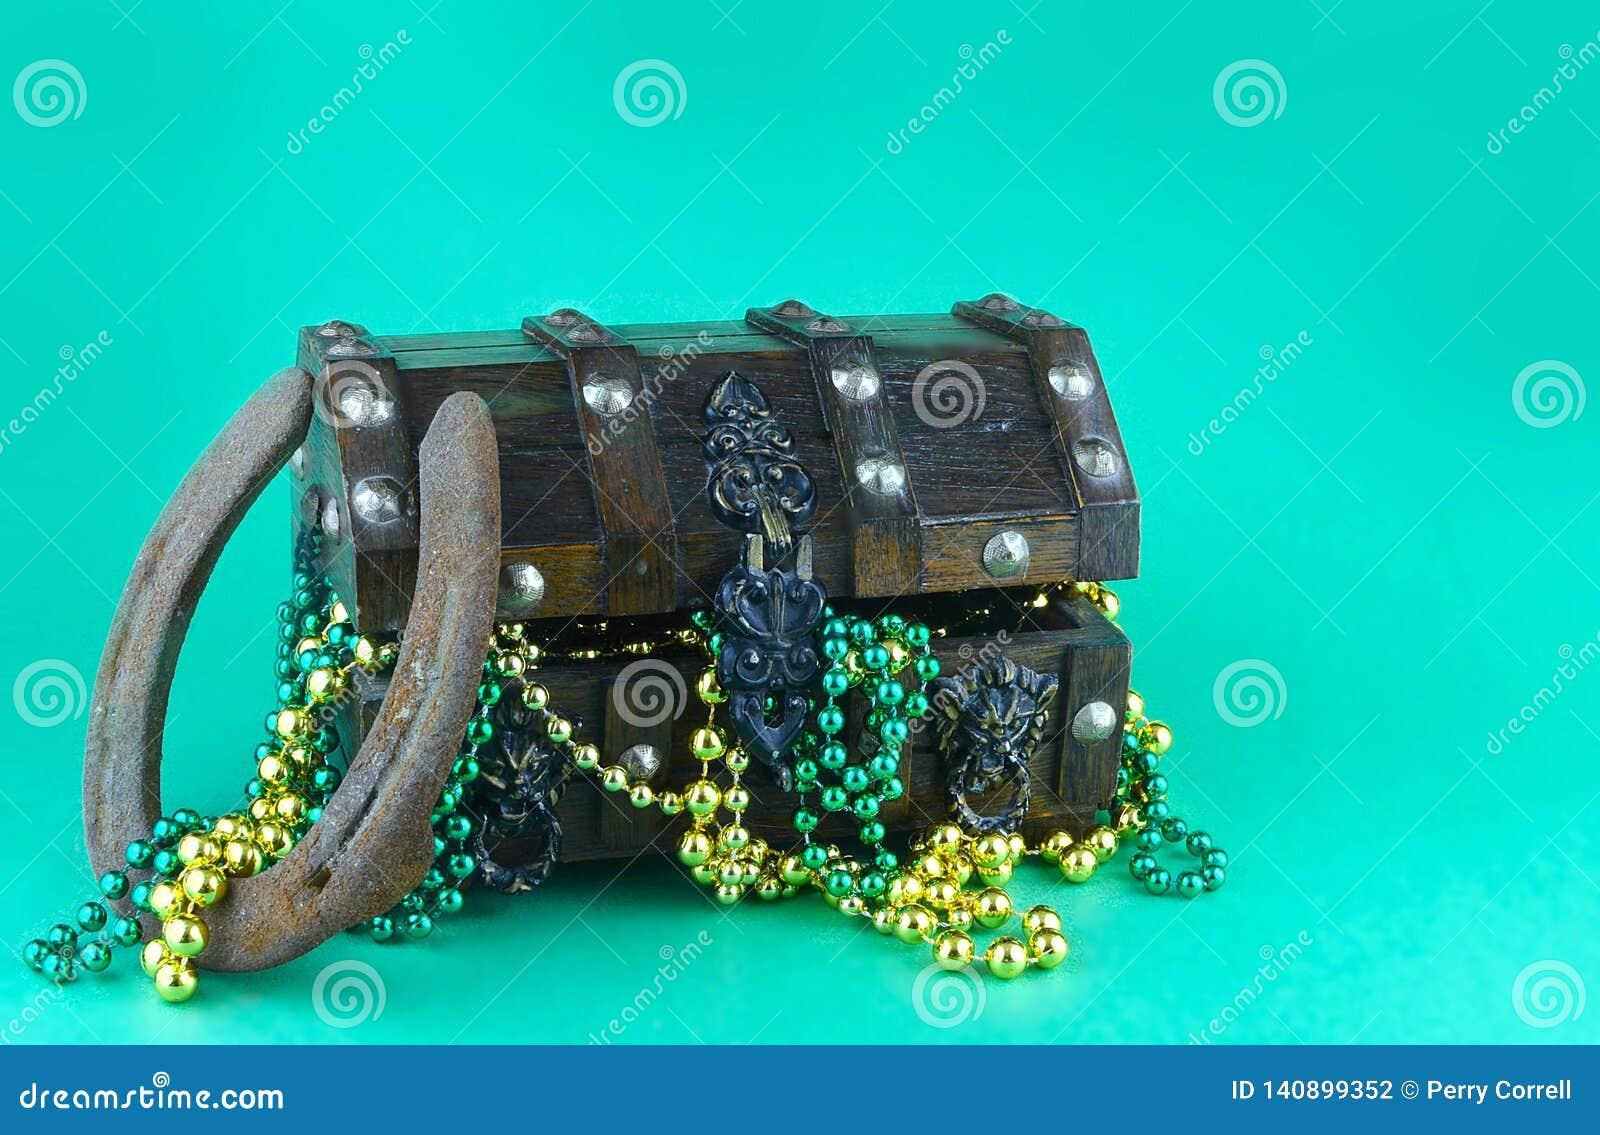 Εικόνα για την ημέρα Αγίου Πάτρικ στις 17 Μαρτίου Στήθος θησαυρών για να συμβολίσει την τύχη και τον πλούτο που γεμίζουν με τις λ